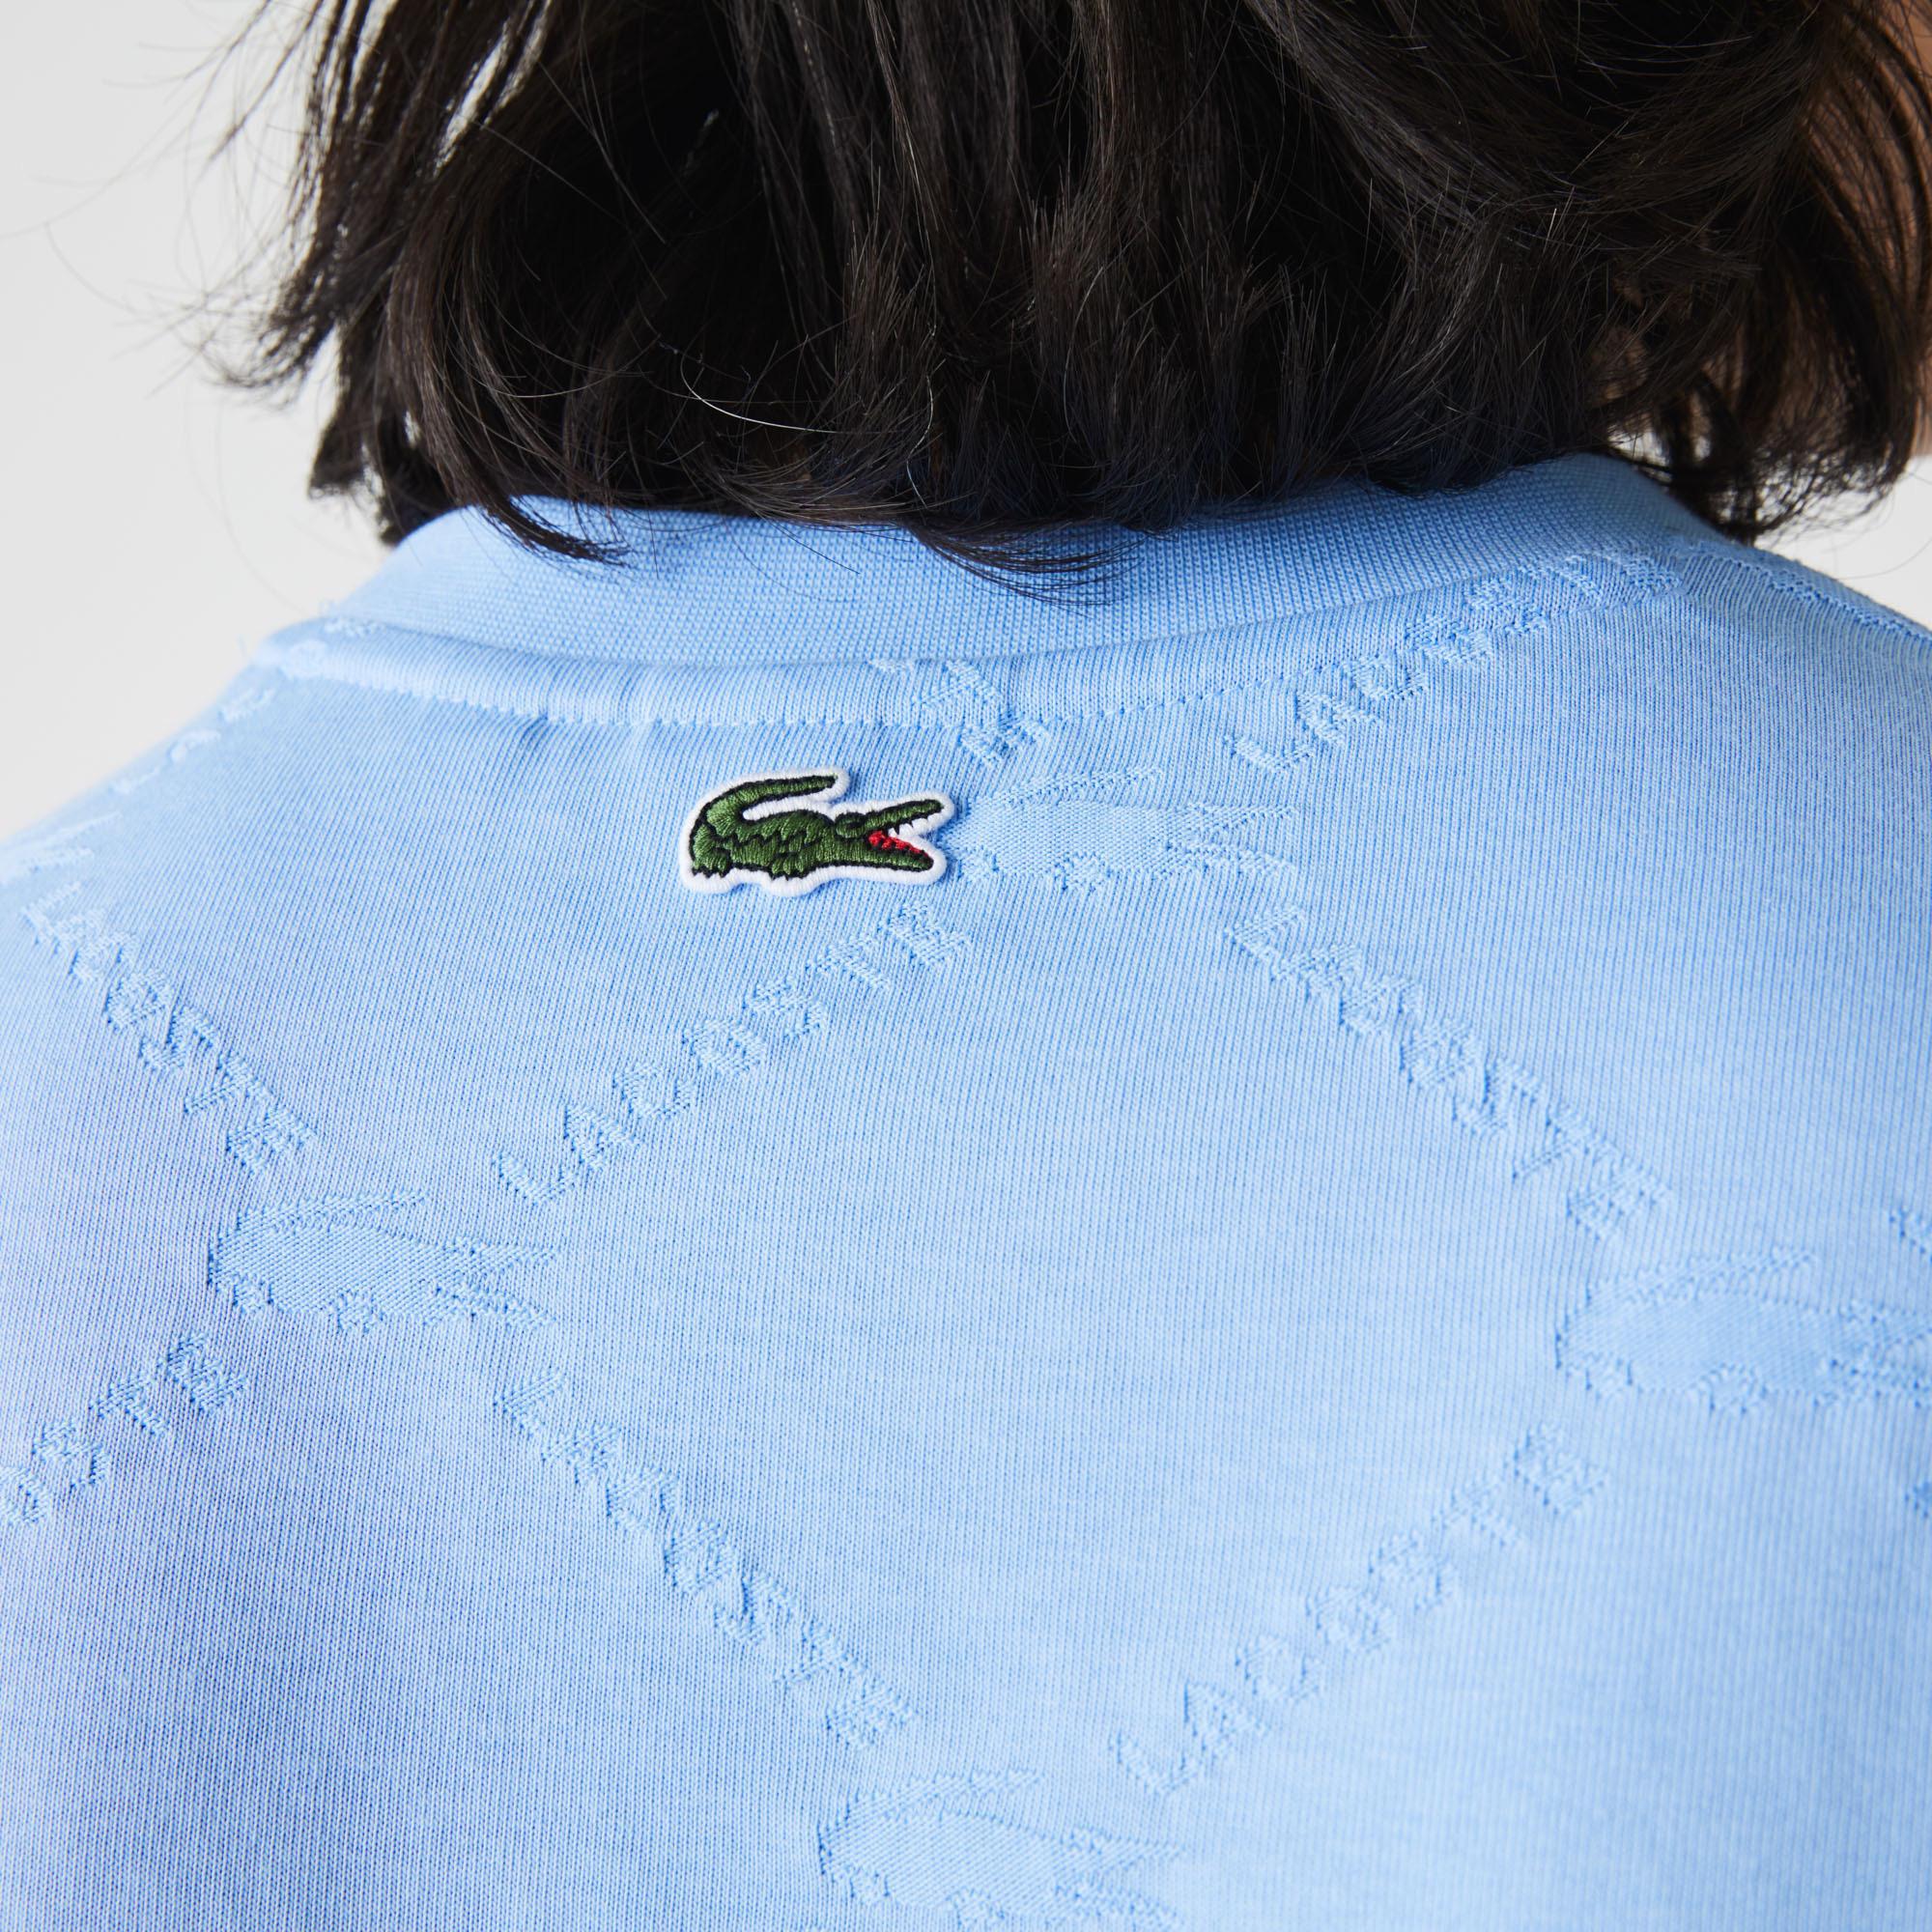 Lacoste Men?s Lacoste LIVE Monogram Patterned T-shirt